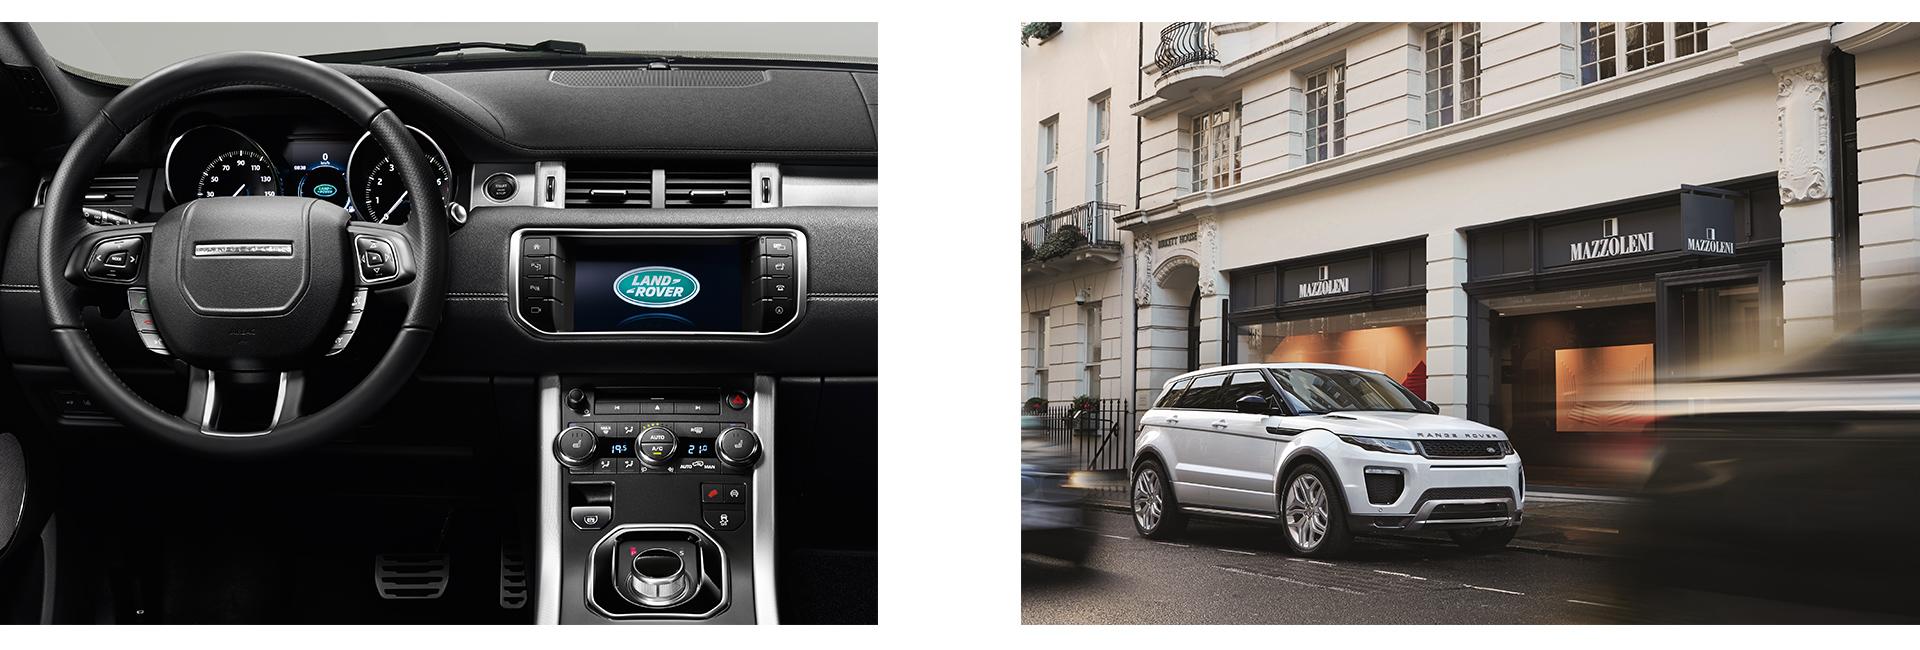 Почему все так любят Range Rover Evoque: 5 причин (фото 1)